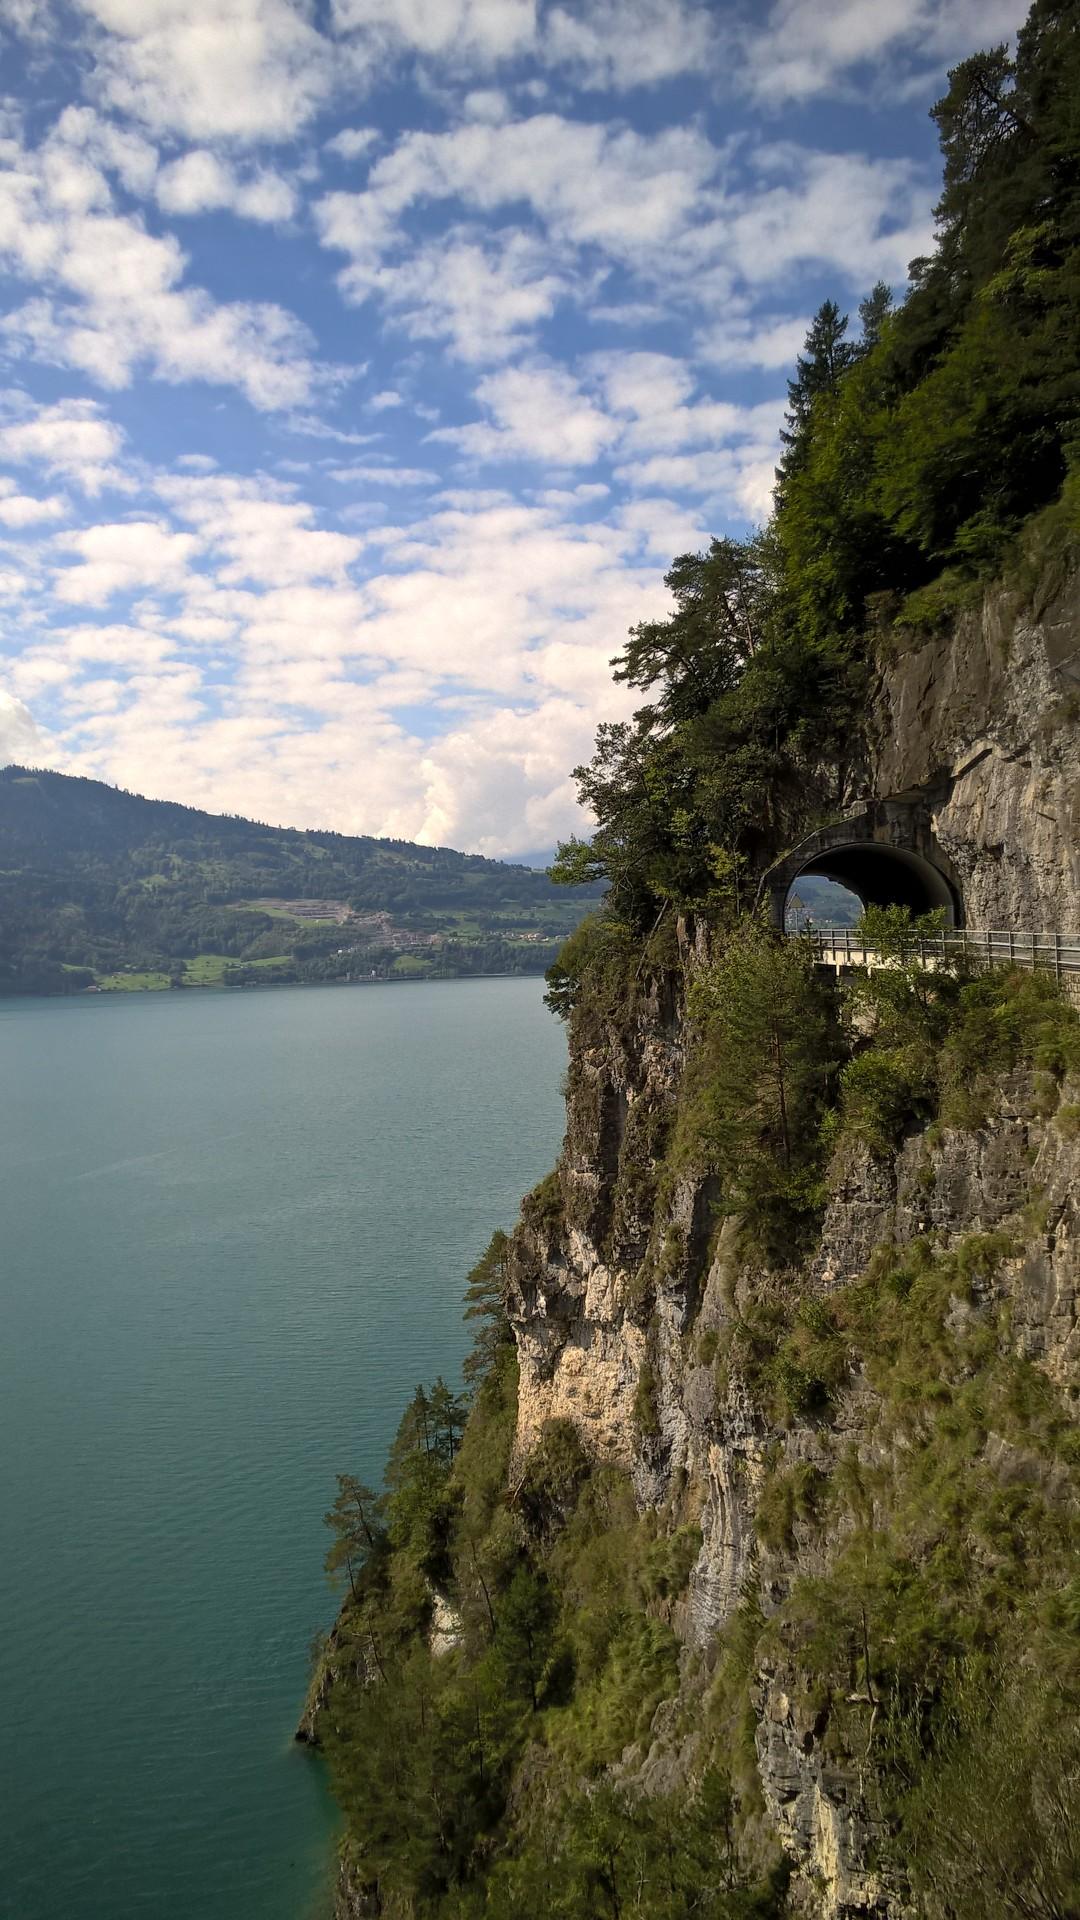 Дорога к Свято-Беатовым пещерам, Интерлакен, Швейцария